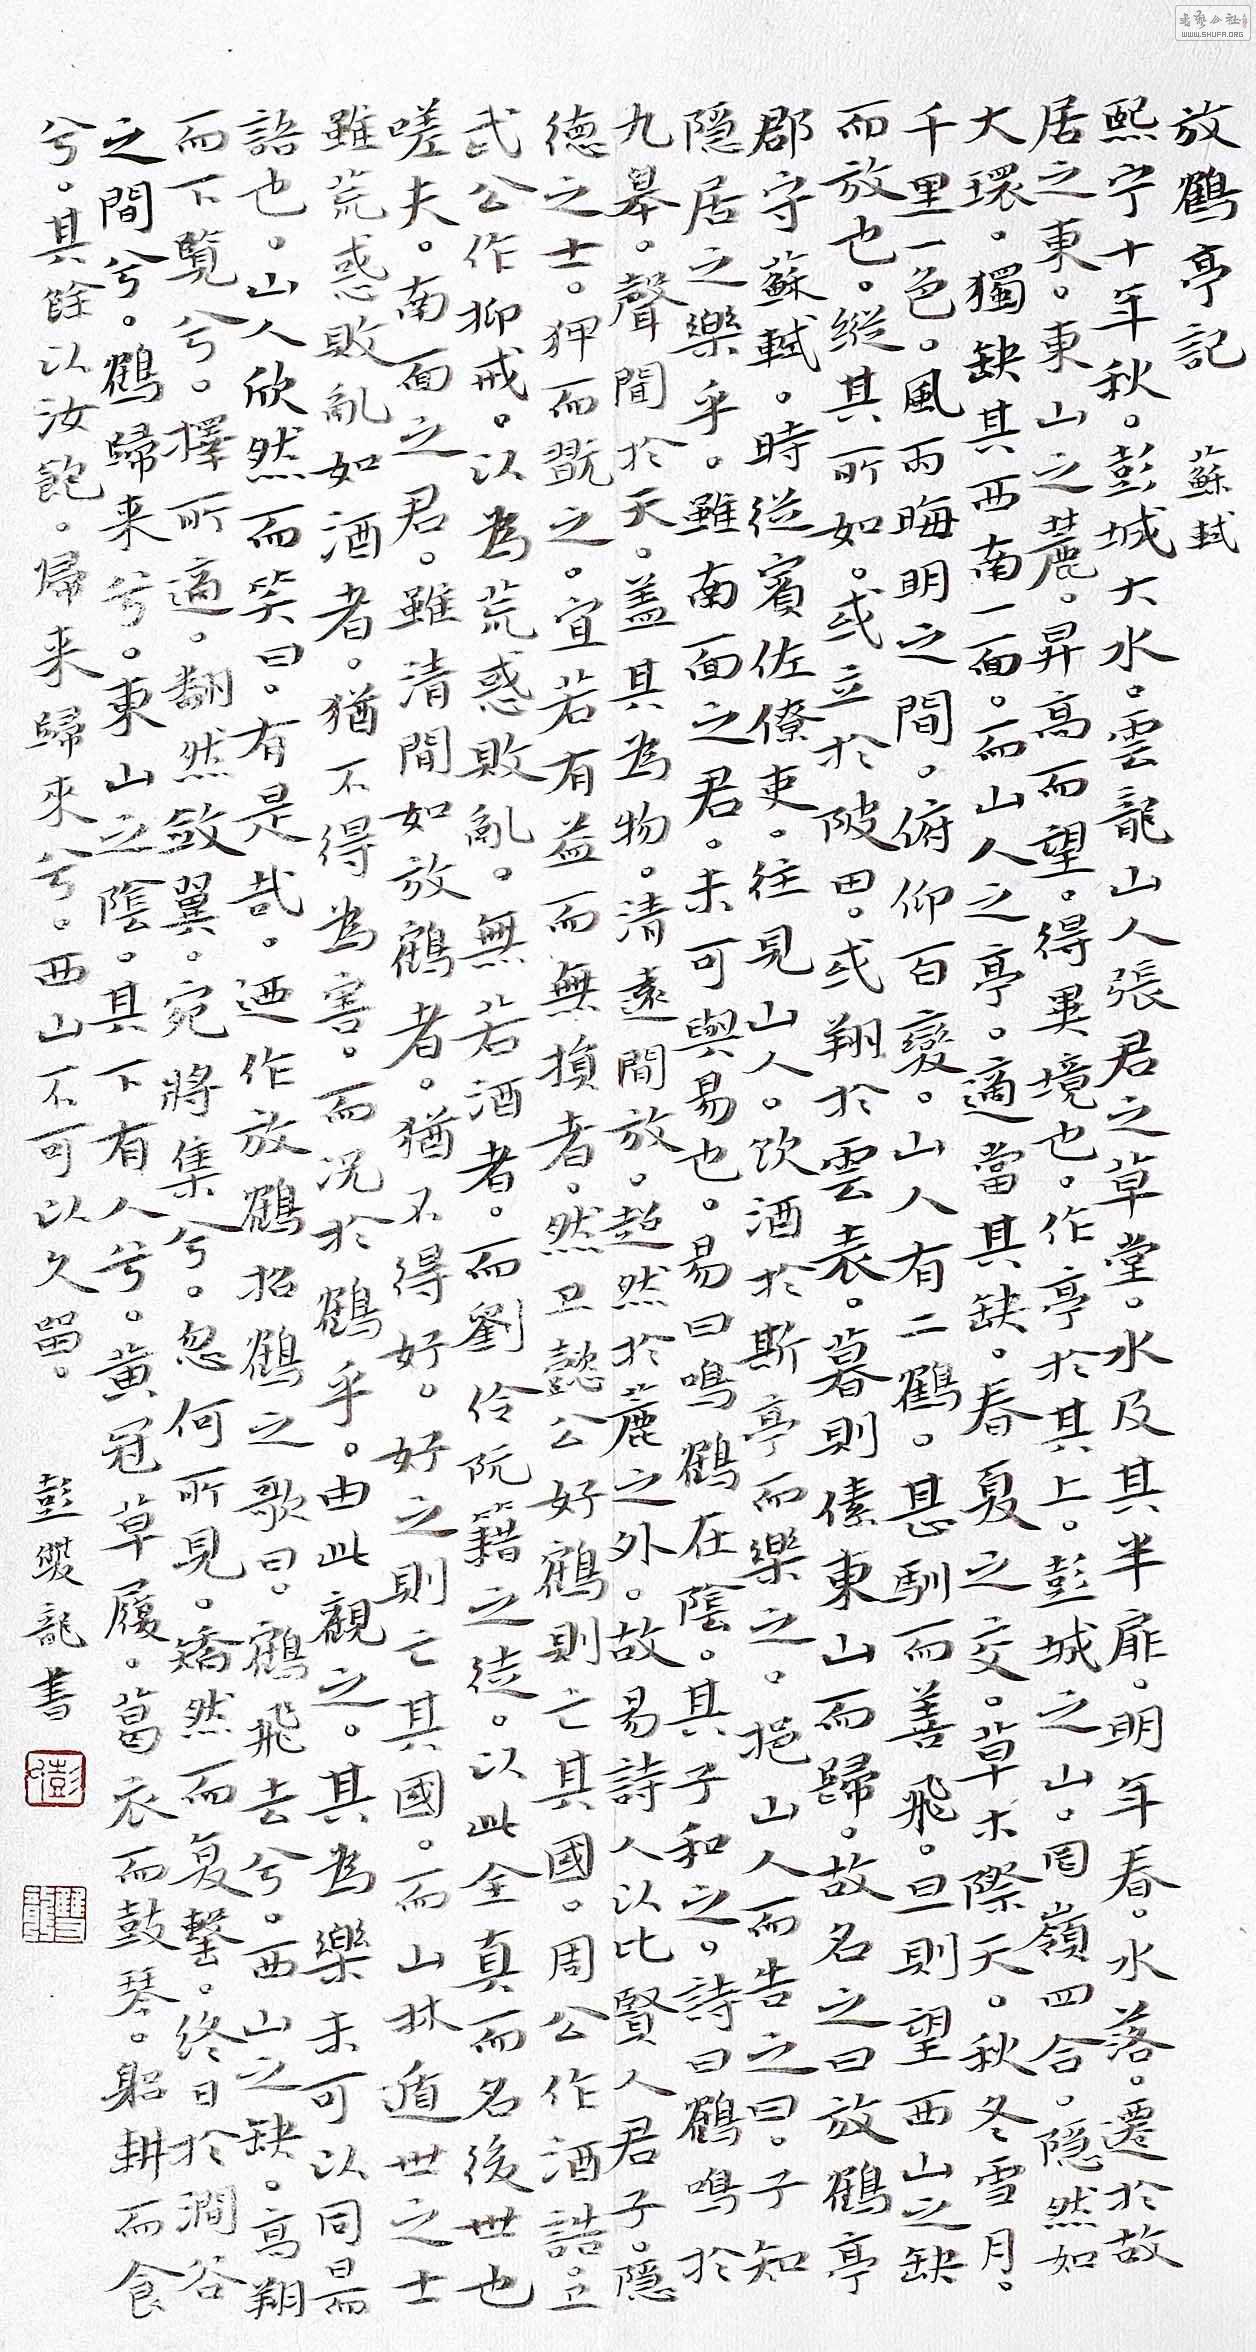 【國展獲獎書家風云人物榜】彭雙龍(第十二期)圖片